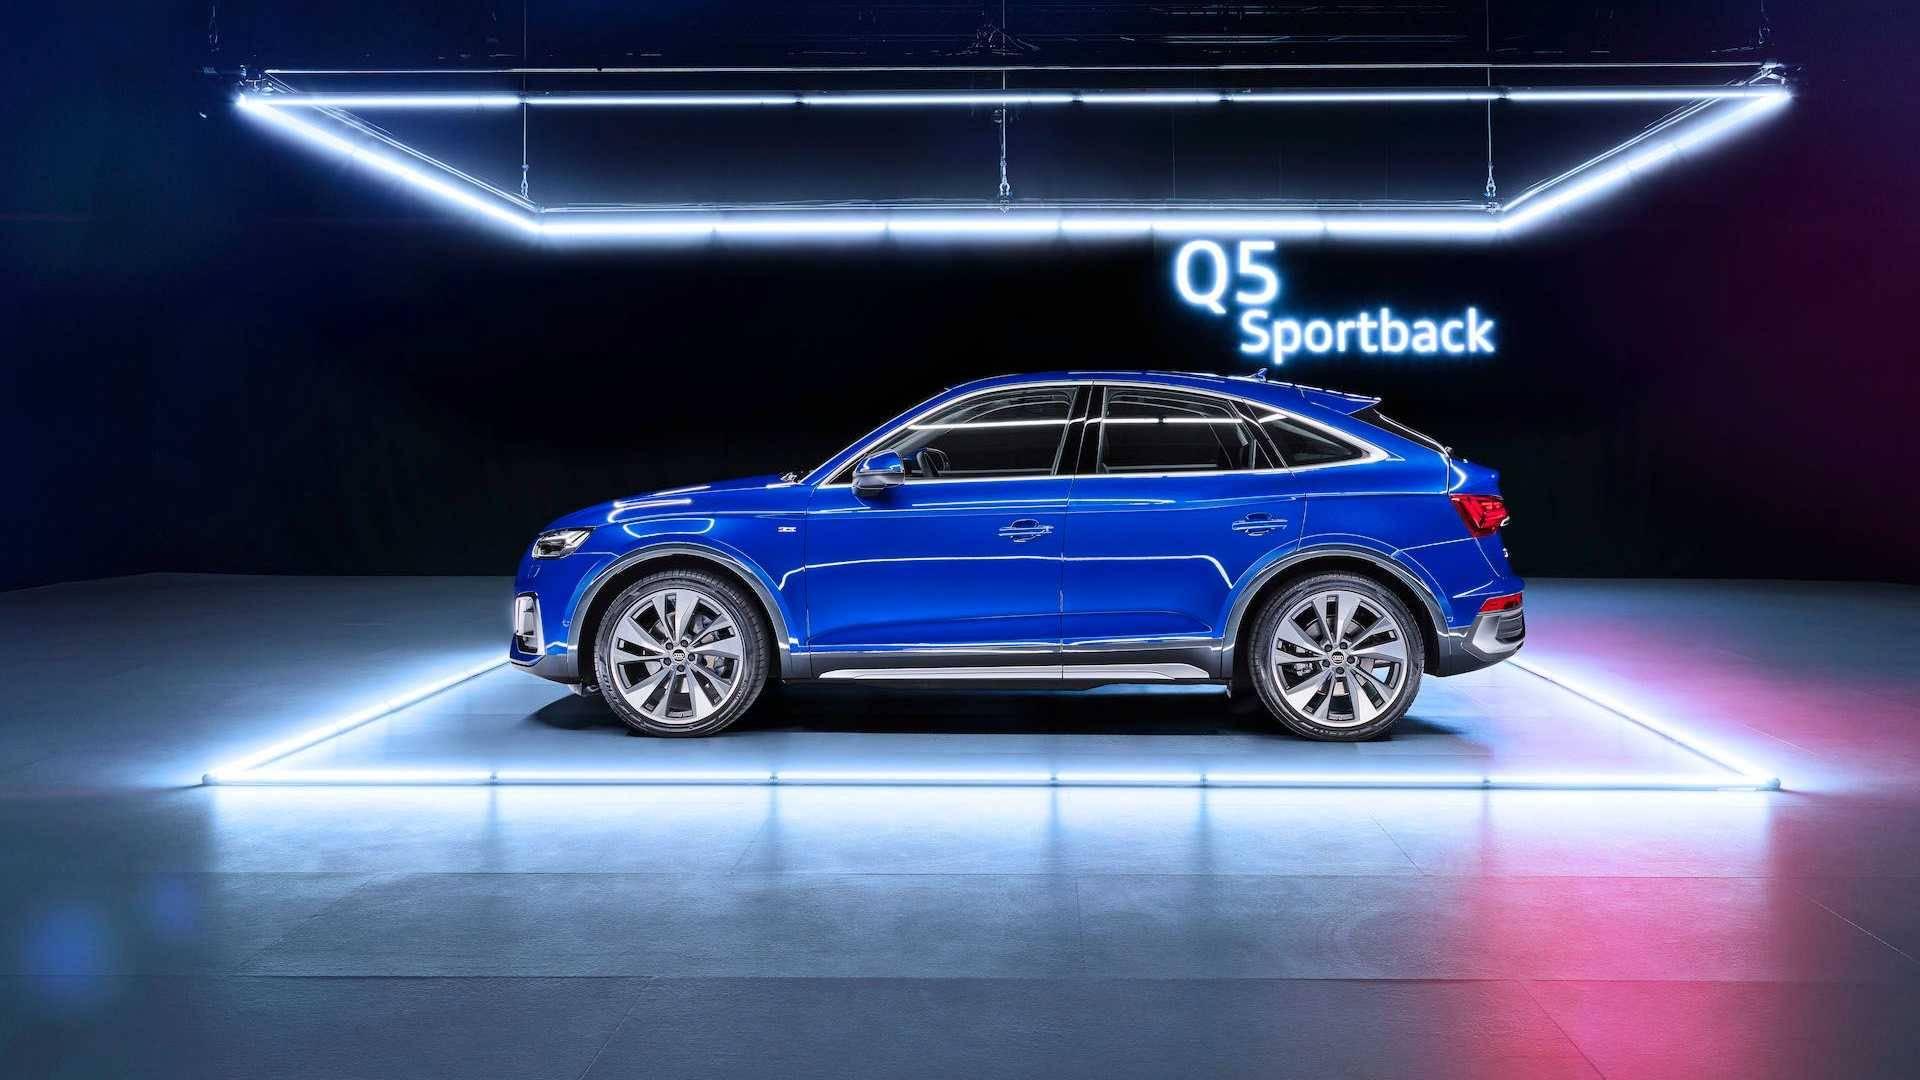 Audi-Q5-Sportback-19